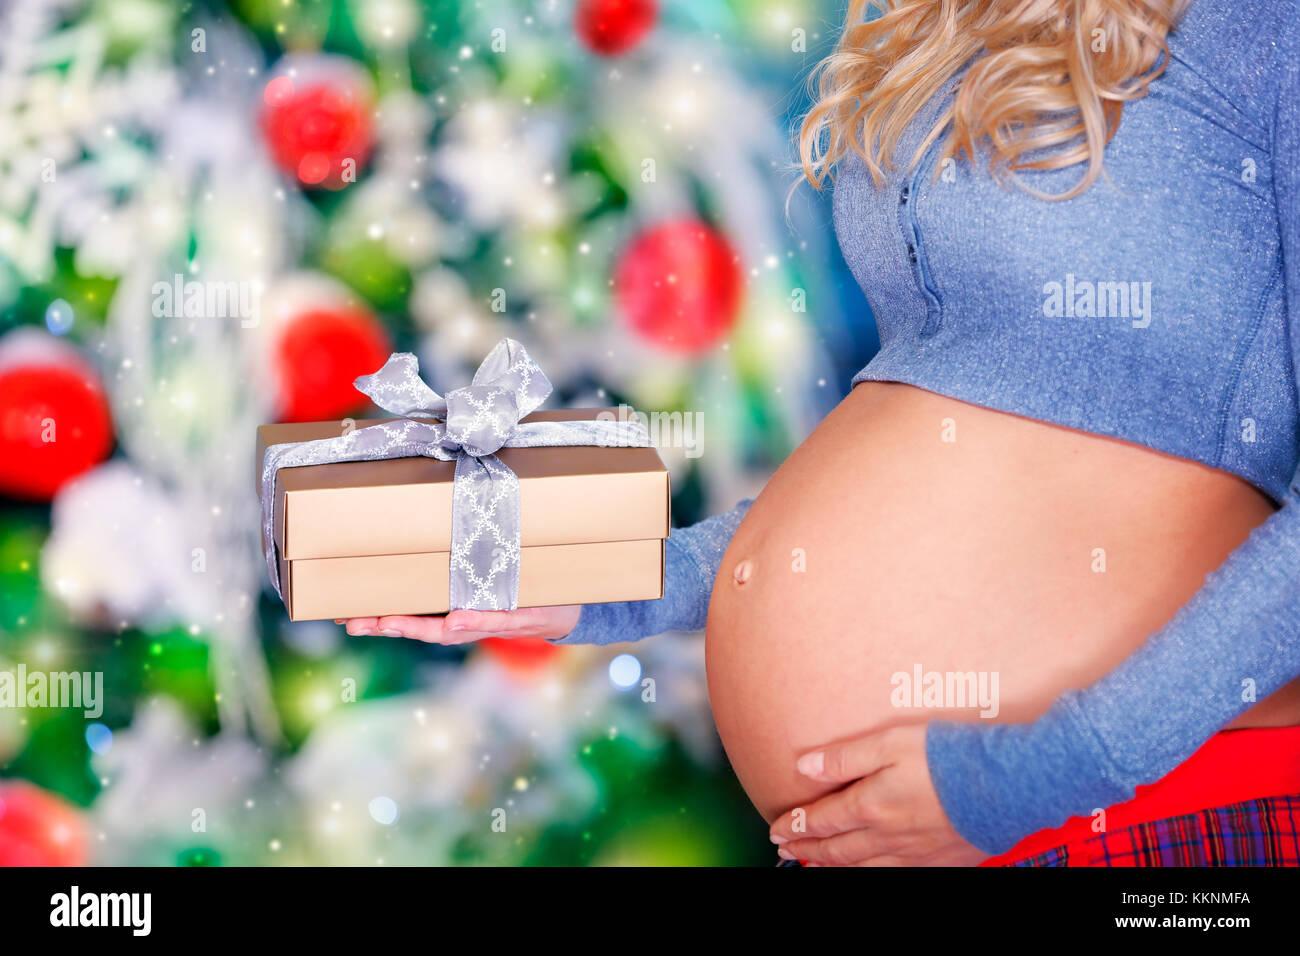 Nahaufnahme eines Bauch der schwangeren Frau mit Geschenk Box in der ...